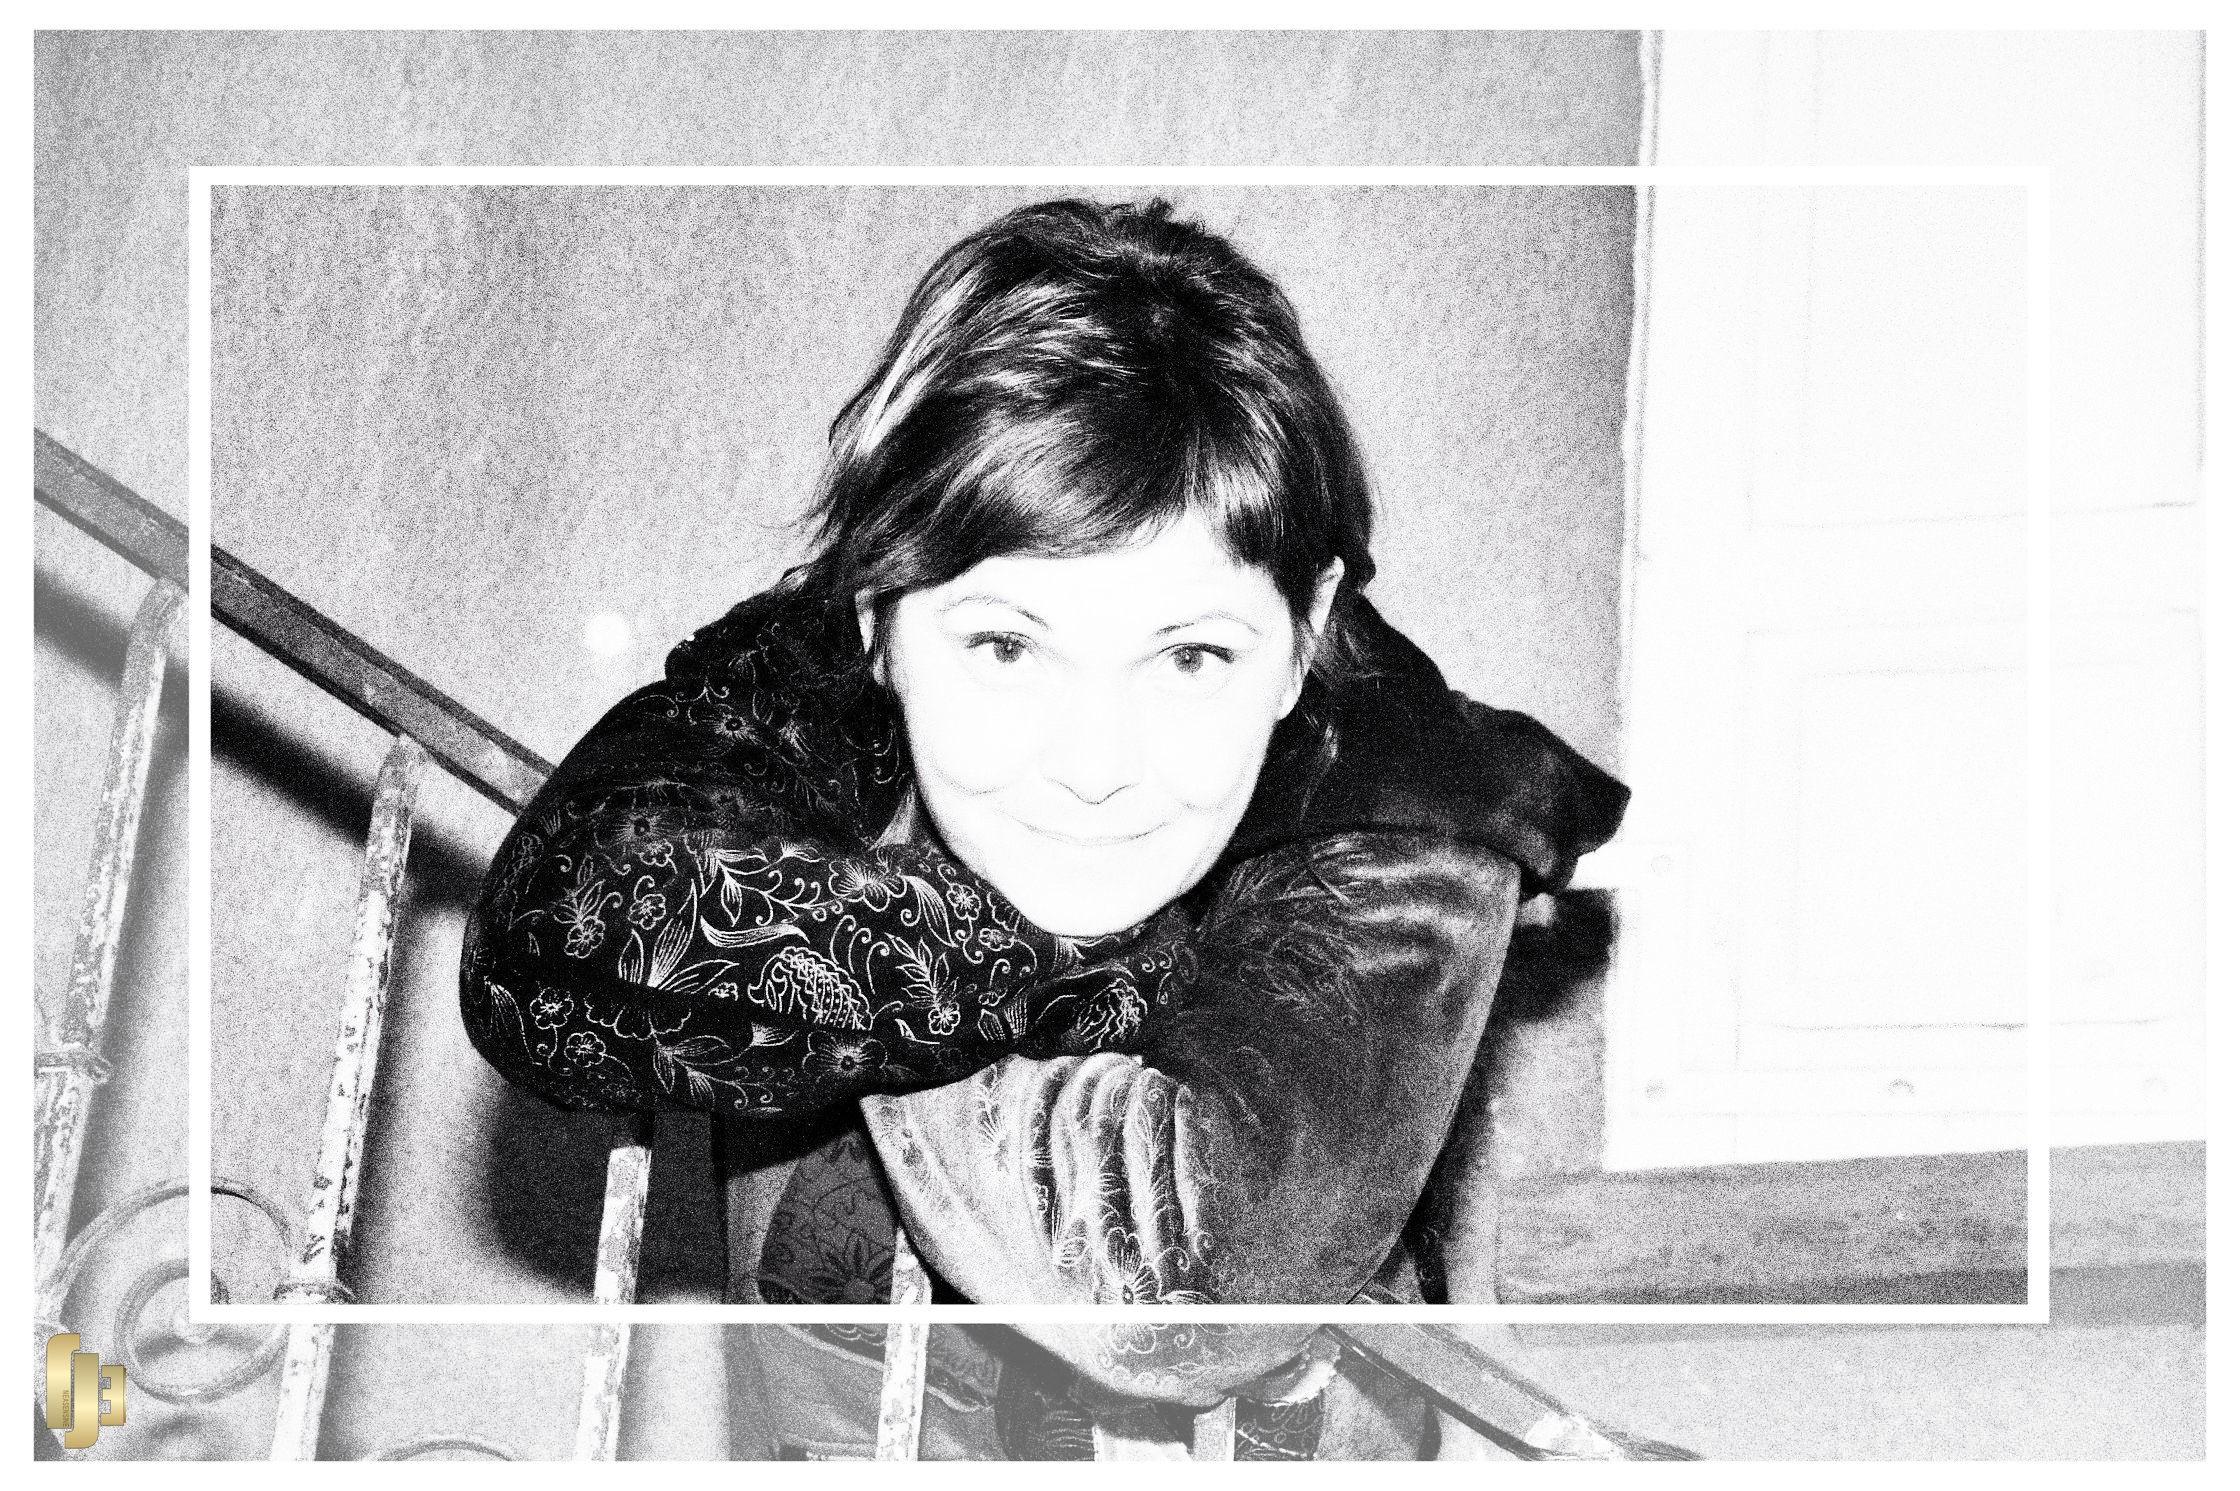 Une gaminette dans l'escalier